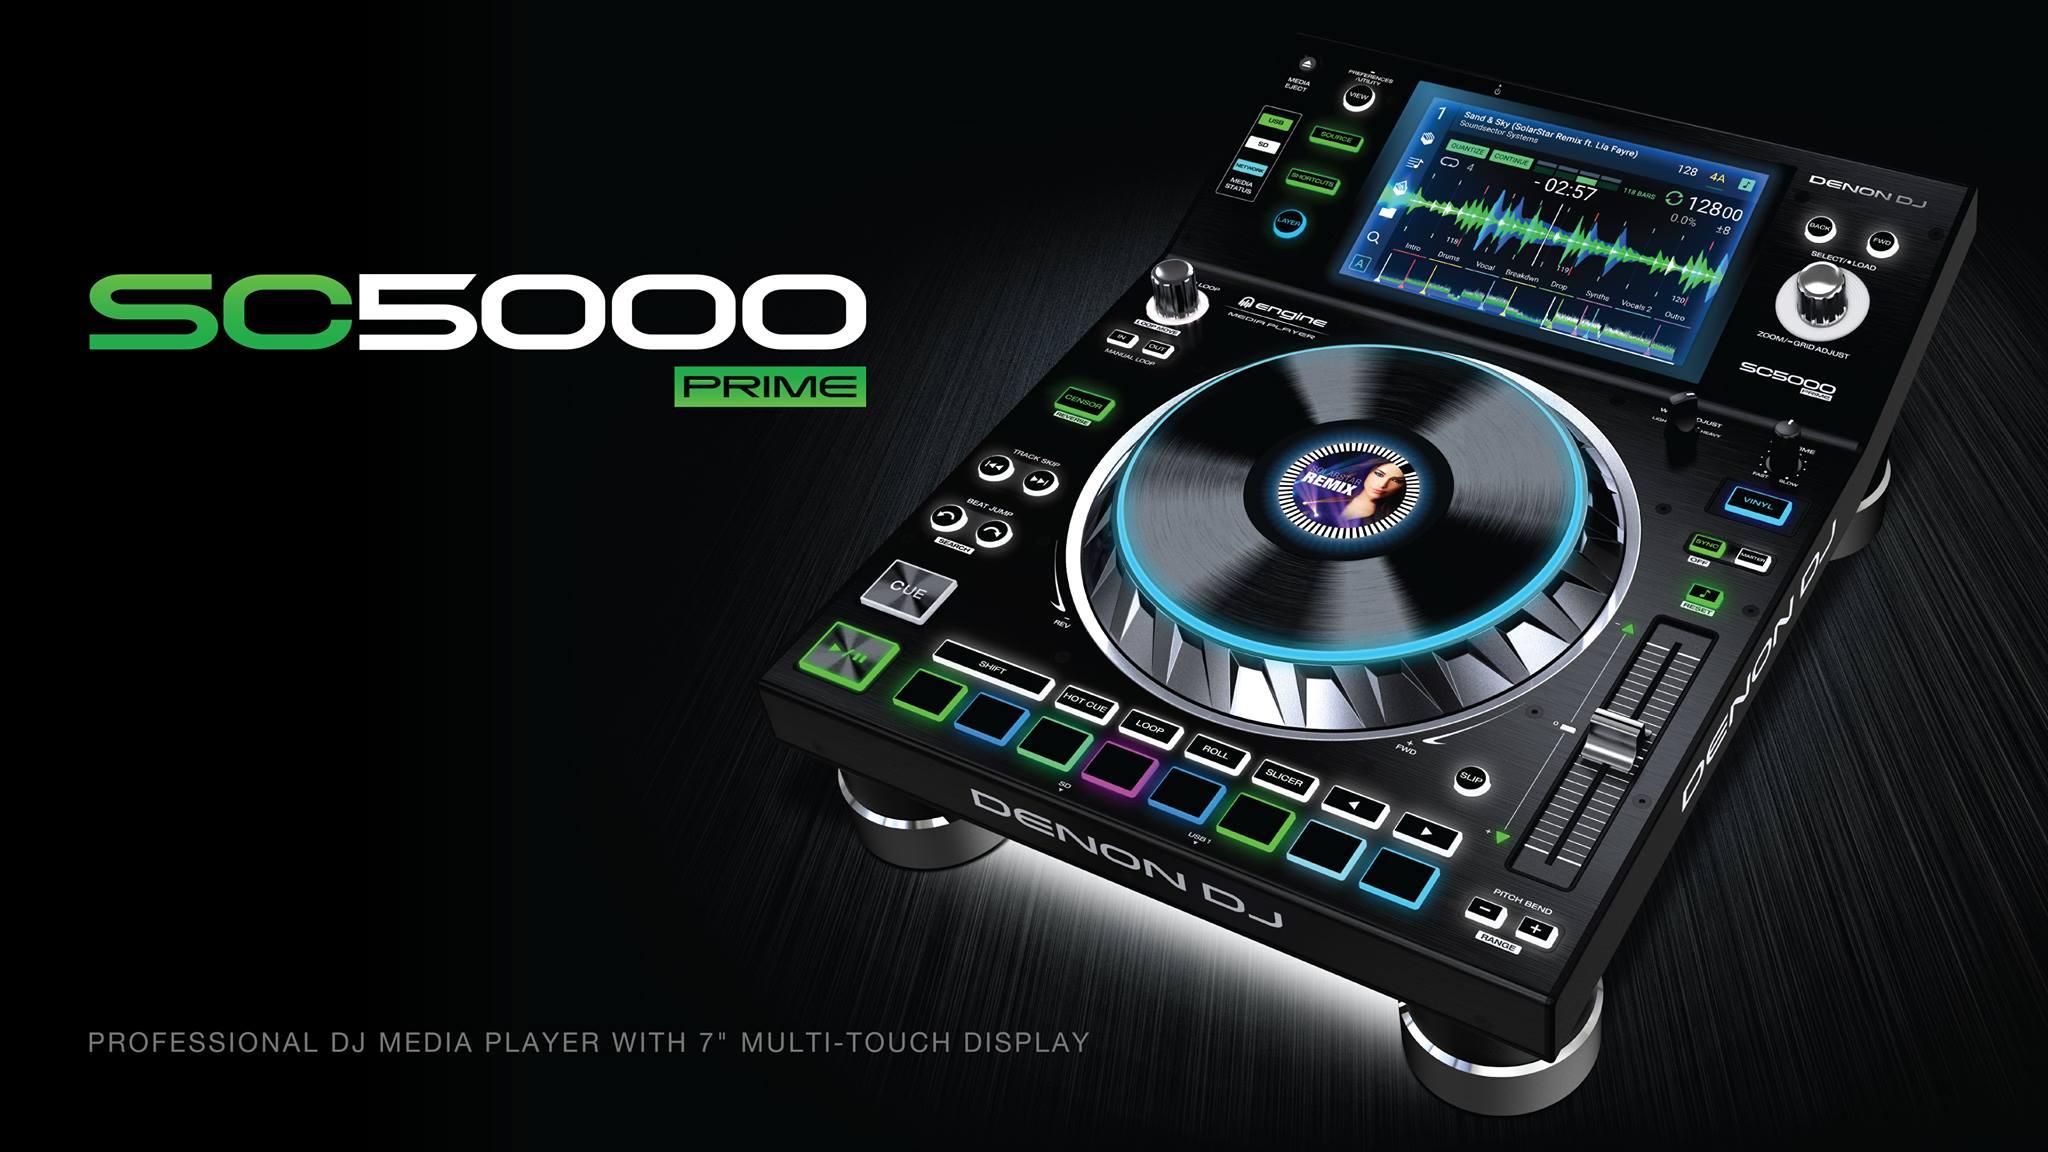 Nuevo e impresionante reproductor multimedia Denon SC5000